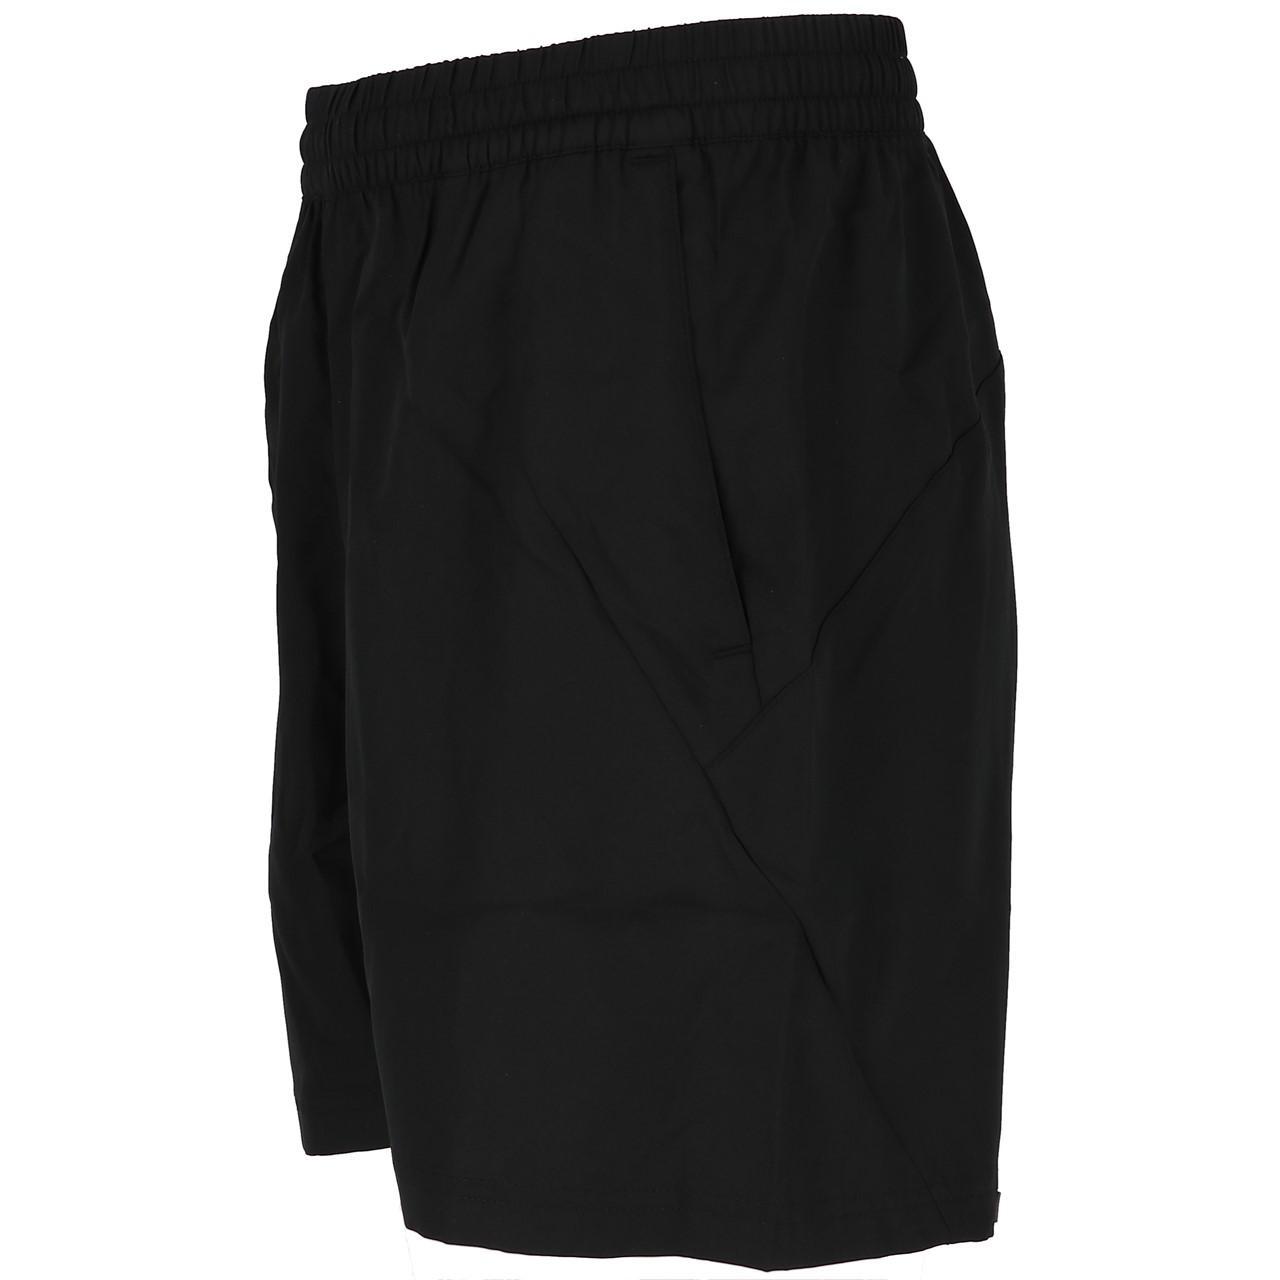 Shorts-Tennis-Babolat-Core-Shorts-8-Men-Black-Black-71700-New thumbnail 3